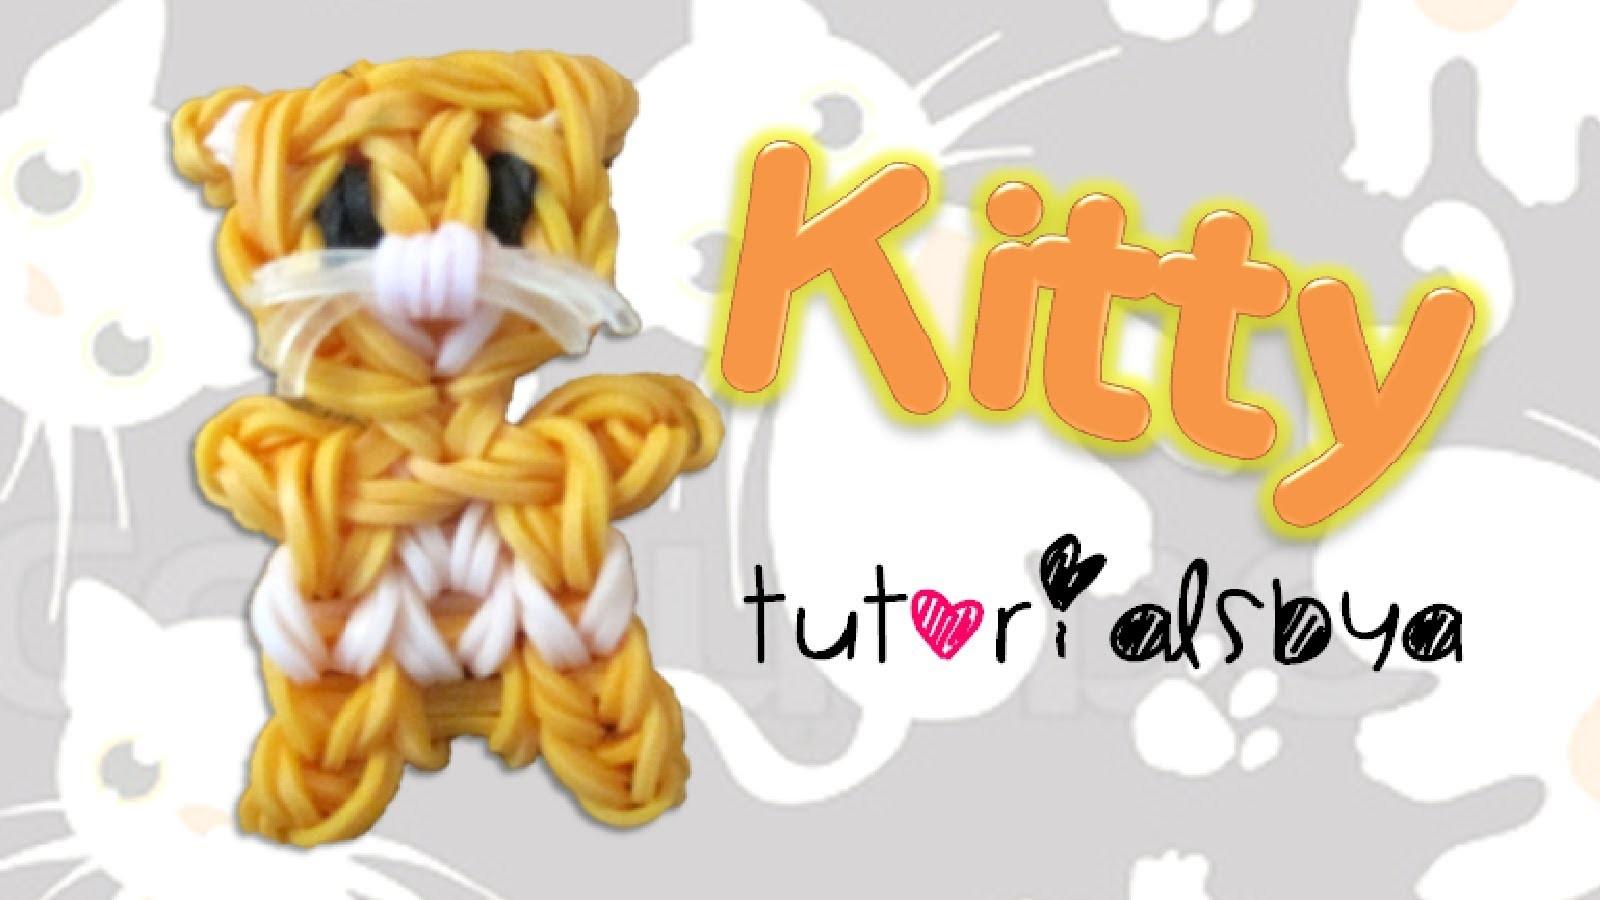 Kitty Cat Charm.Mini Figurine Rainbow Loom Tutorial